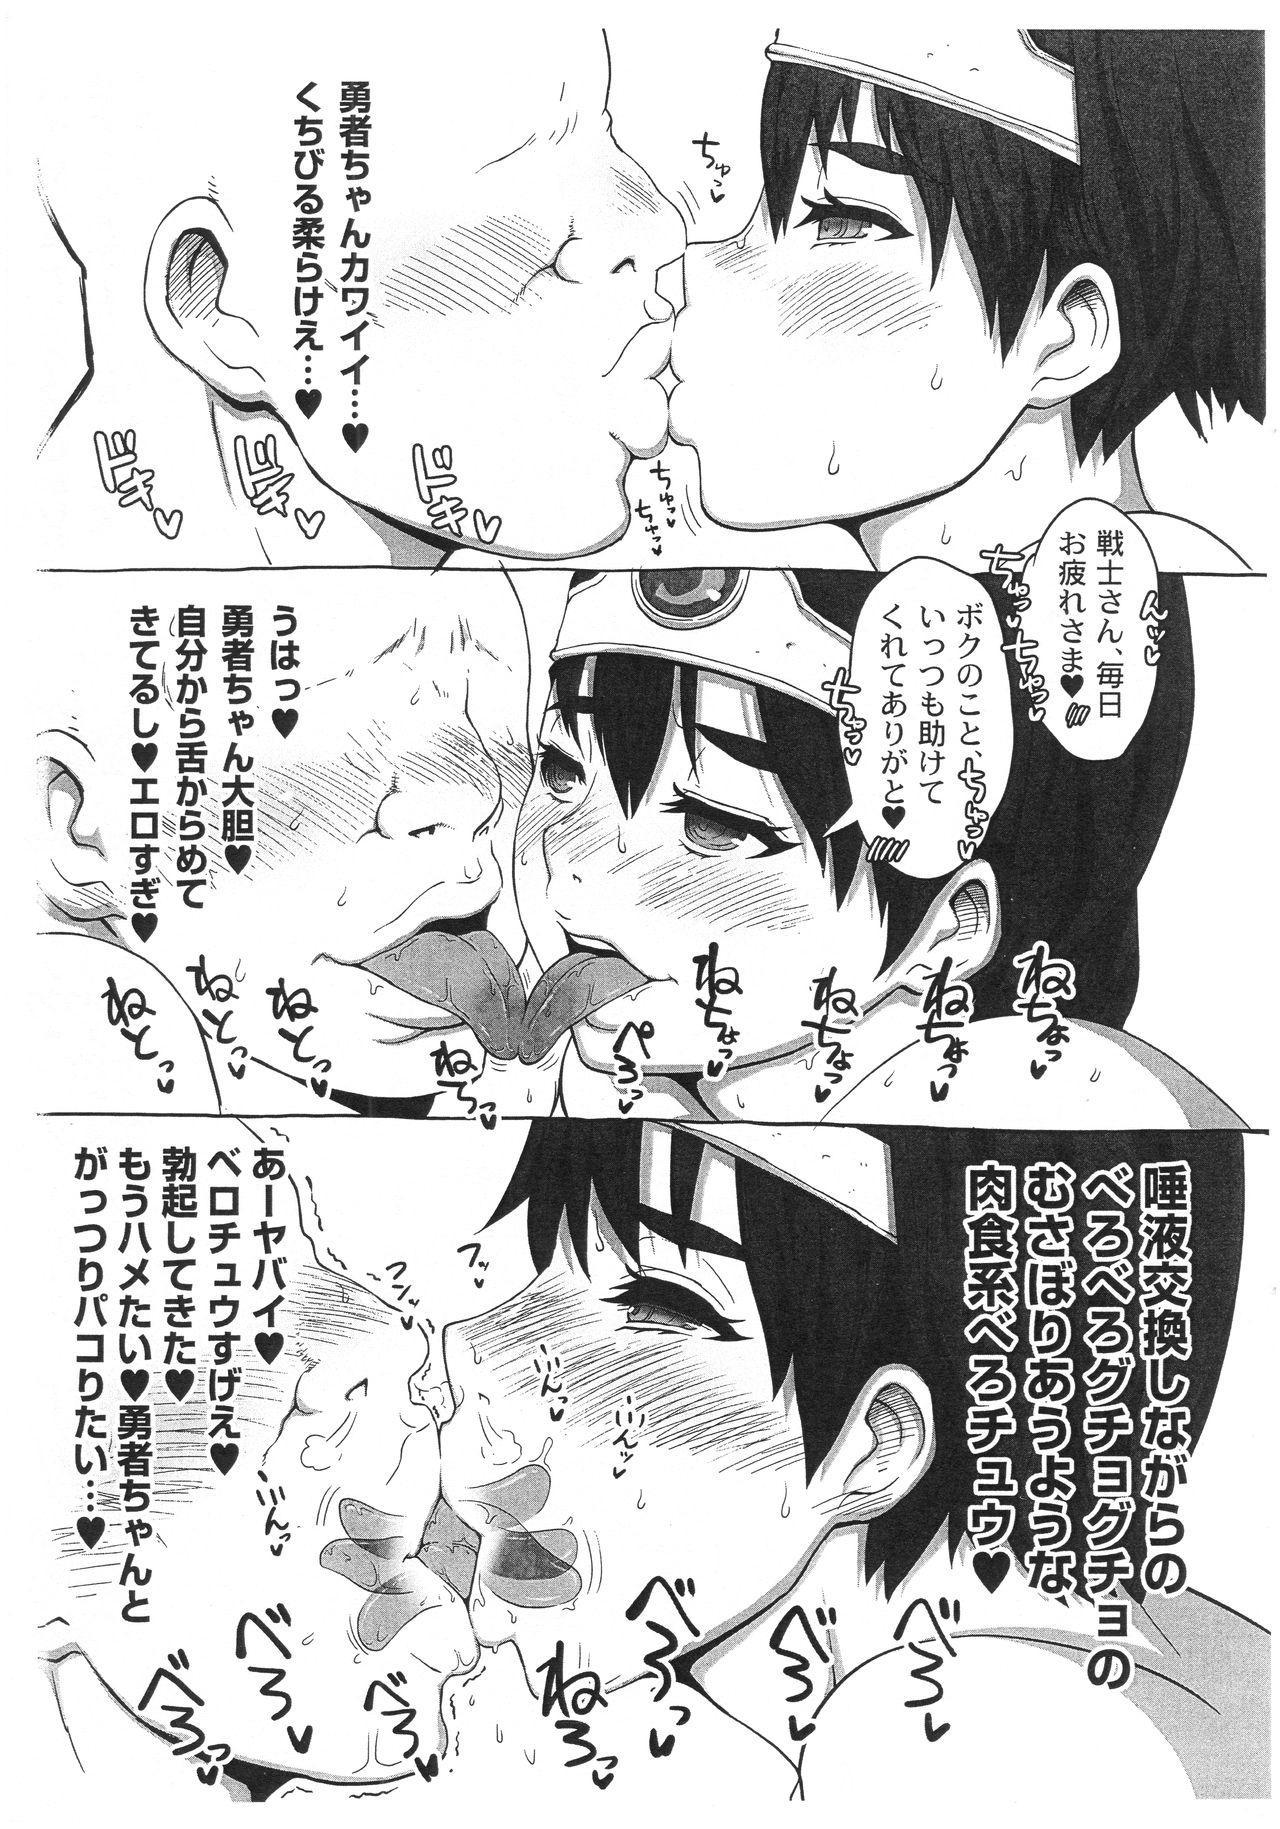 Jo Yuusha wa Tanomuto Setekureru 2